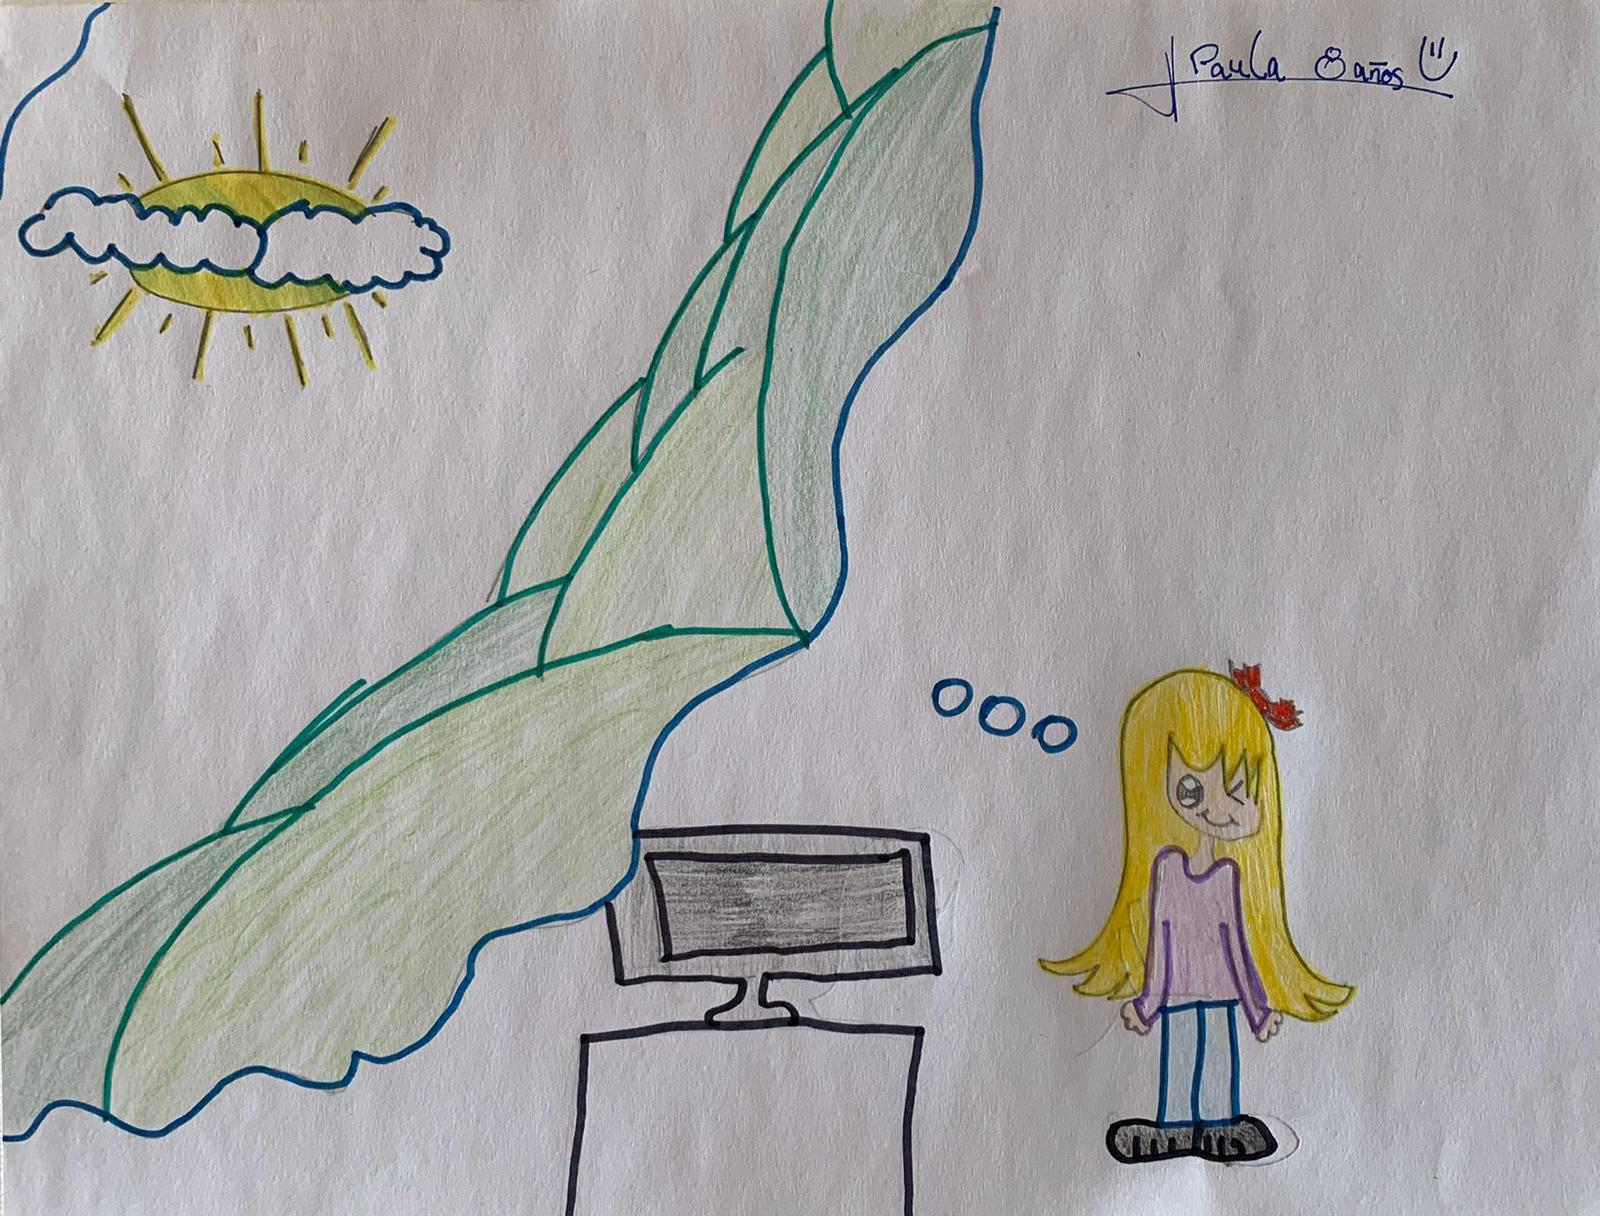 Images/actividades/Paula 8 años.jpg